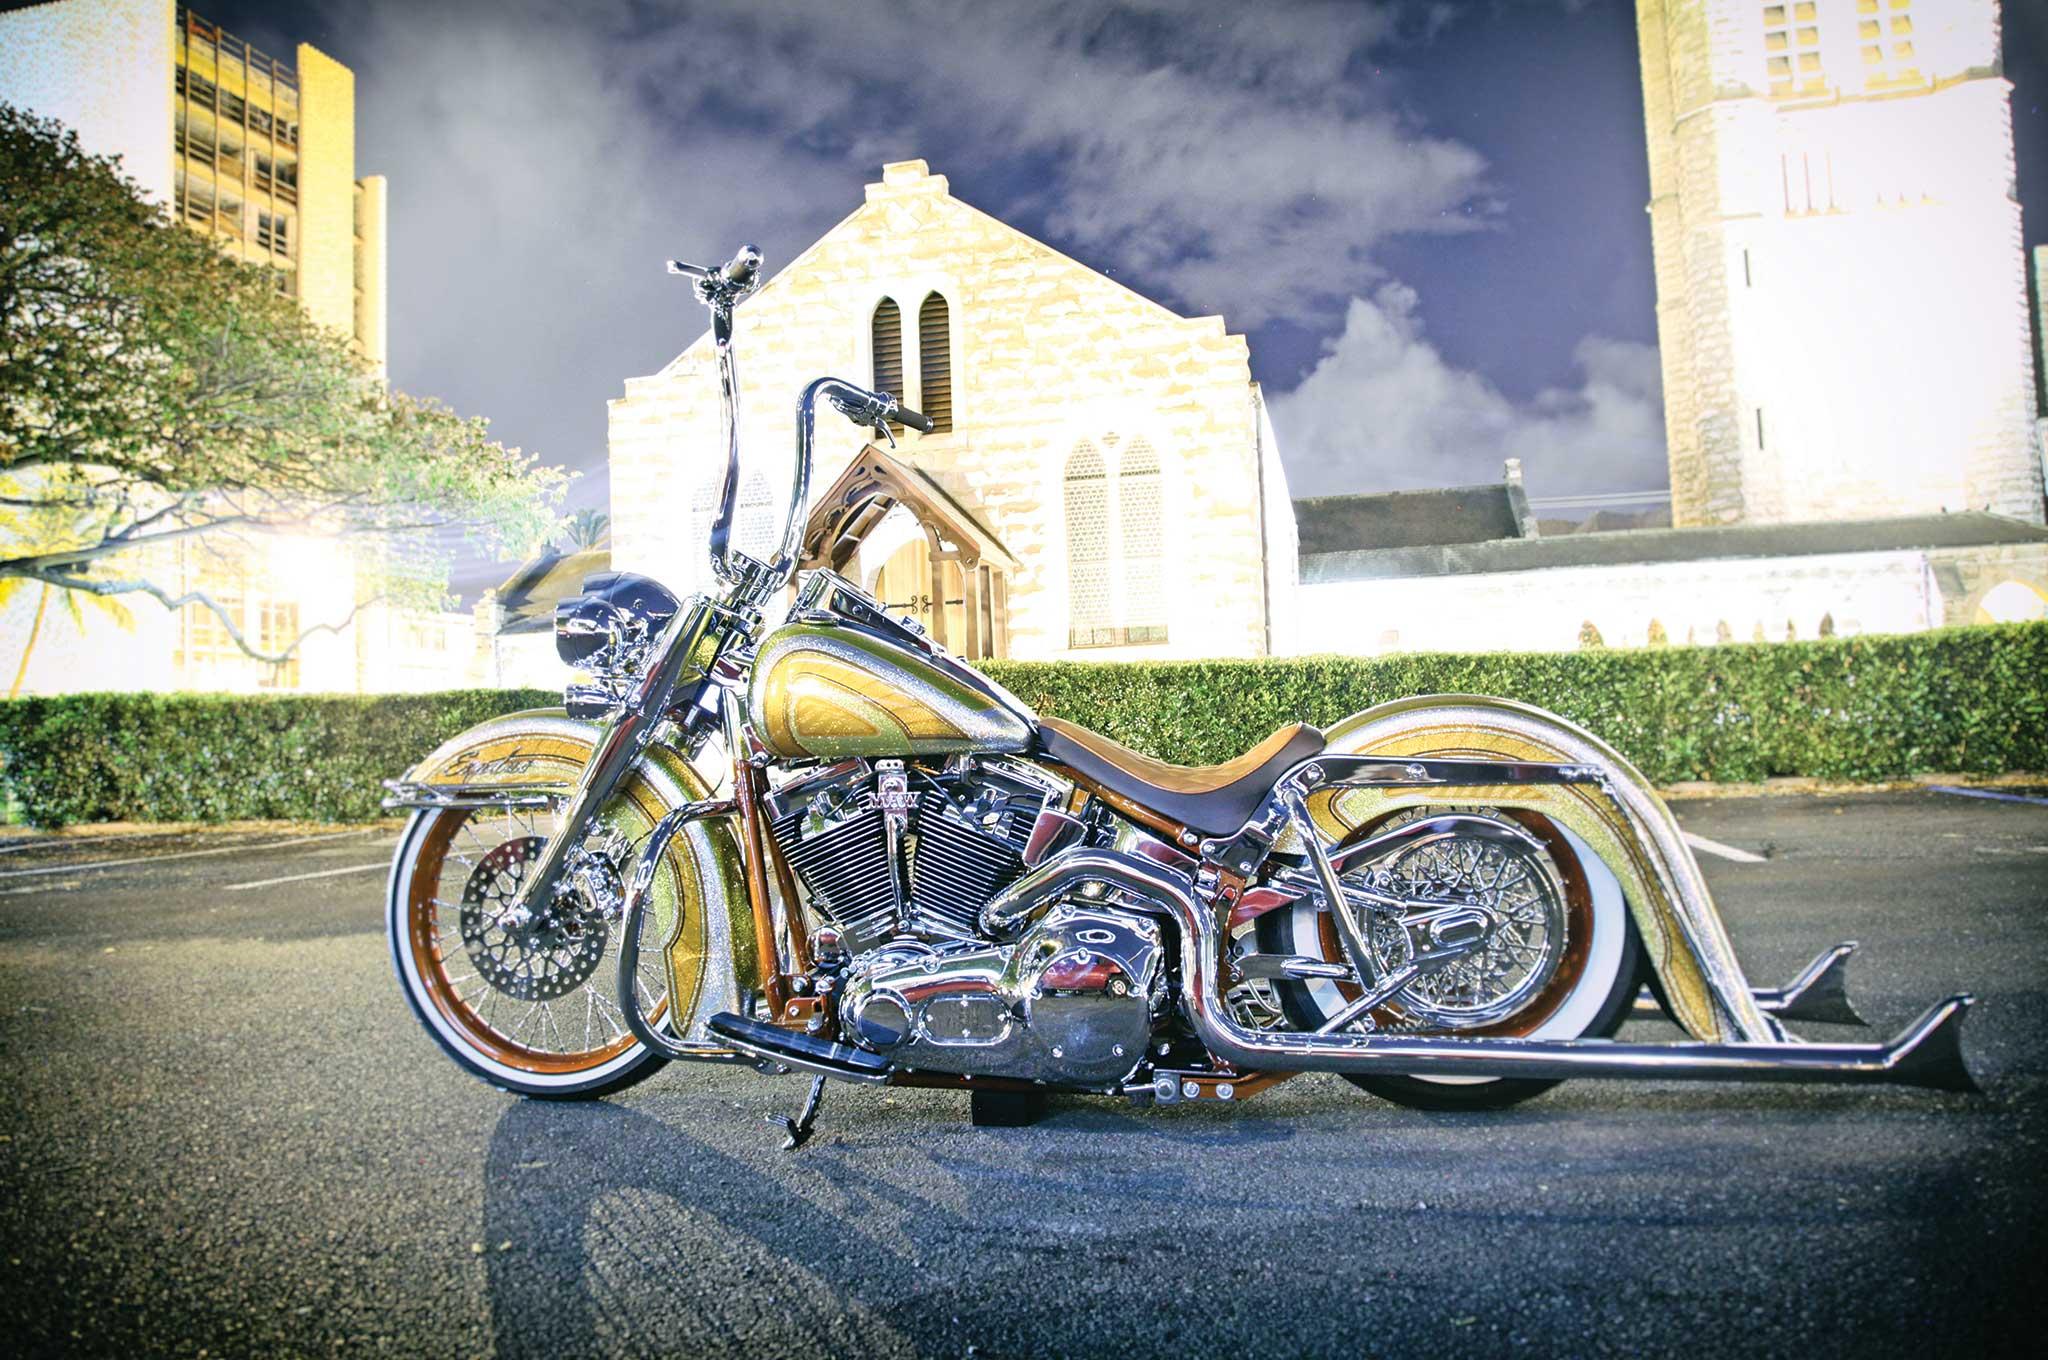 2005 Harley-Davidson Softail Deluxe - Exodus - Lowrider